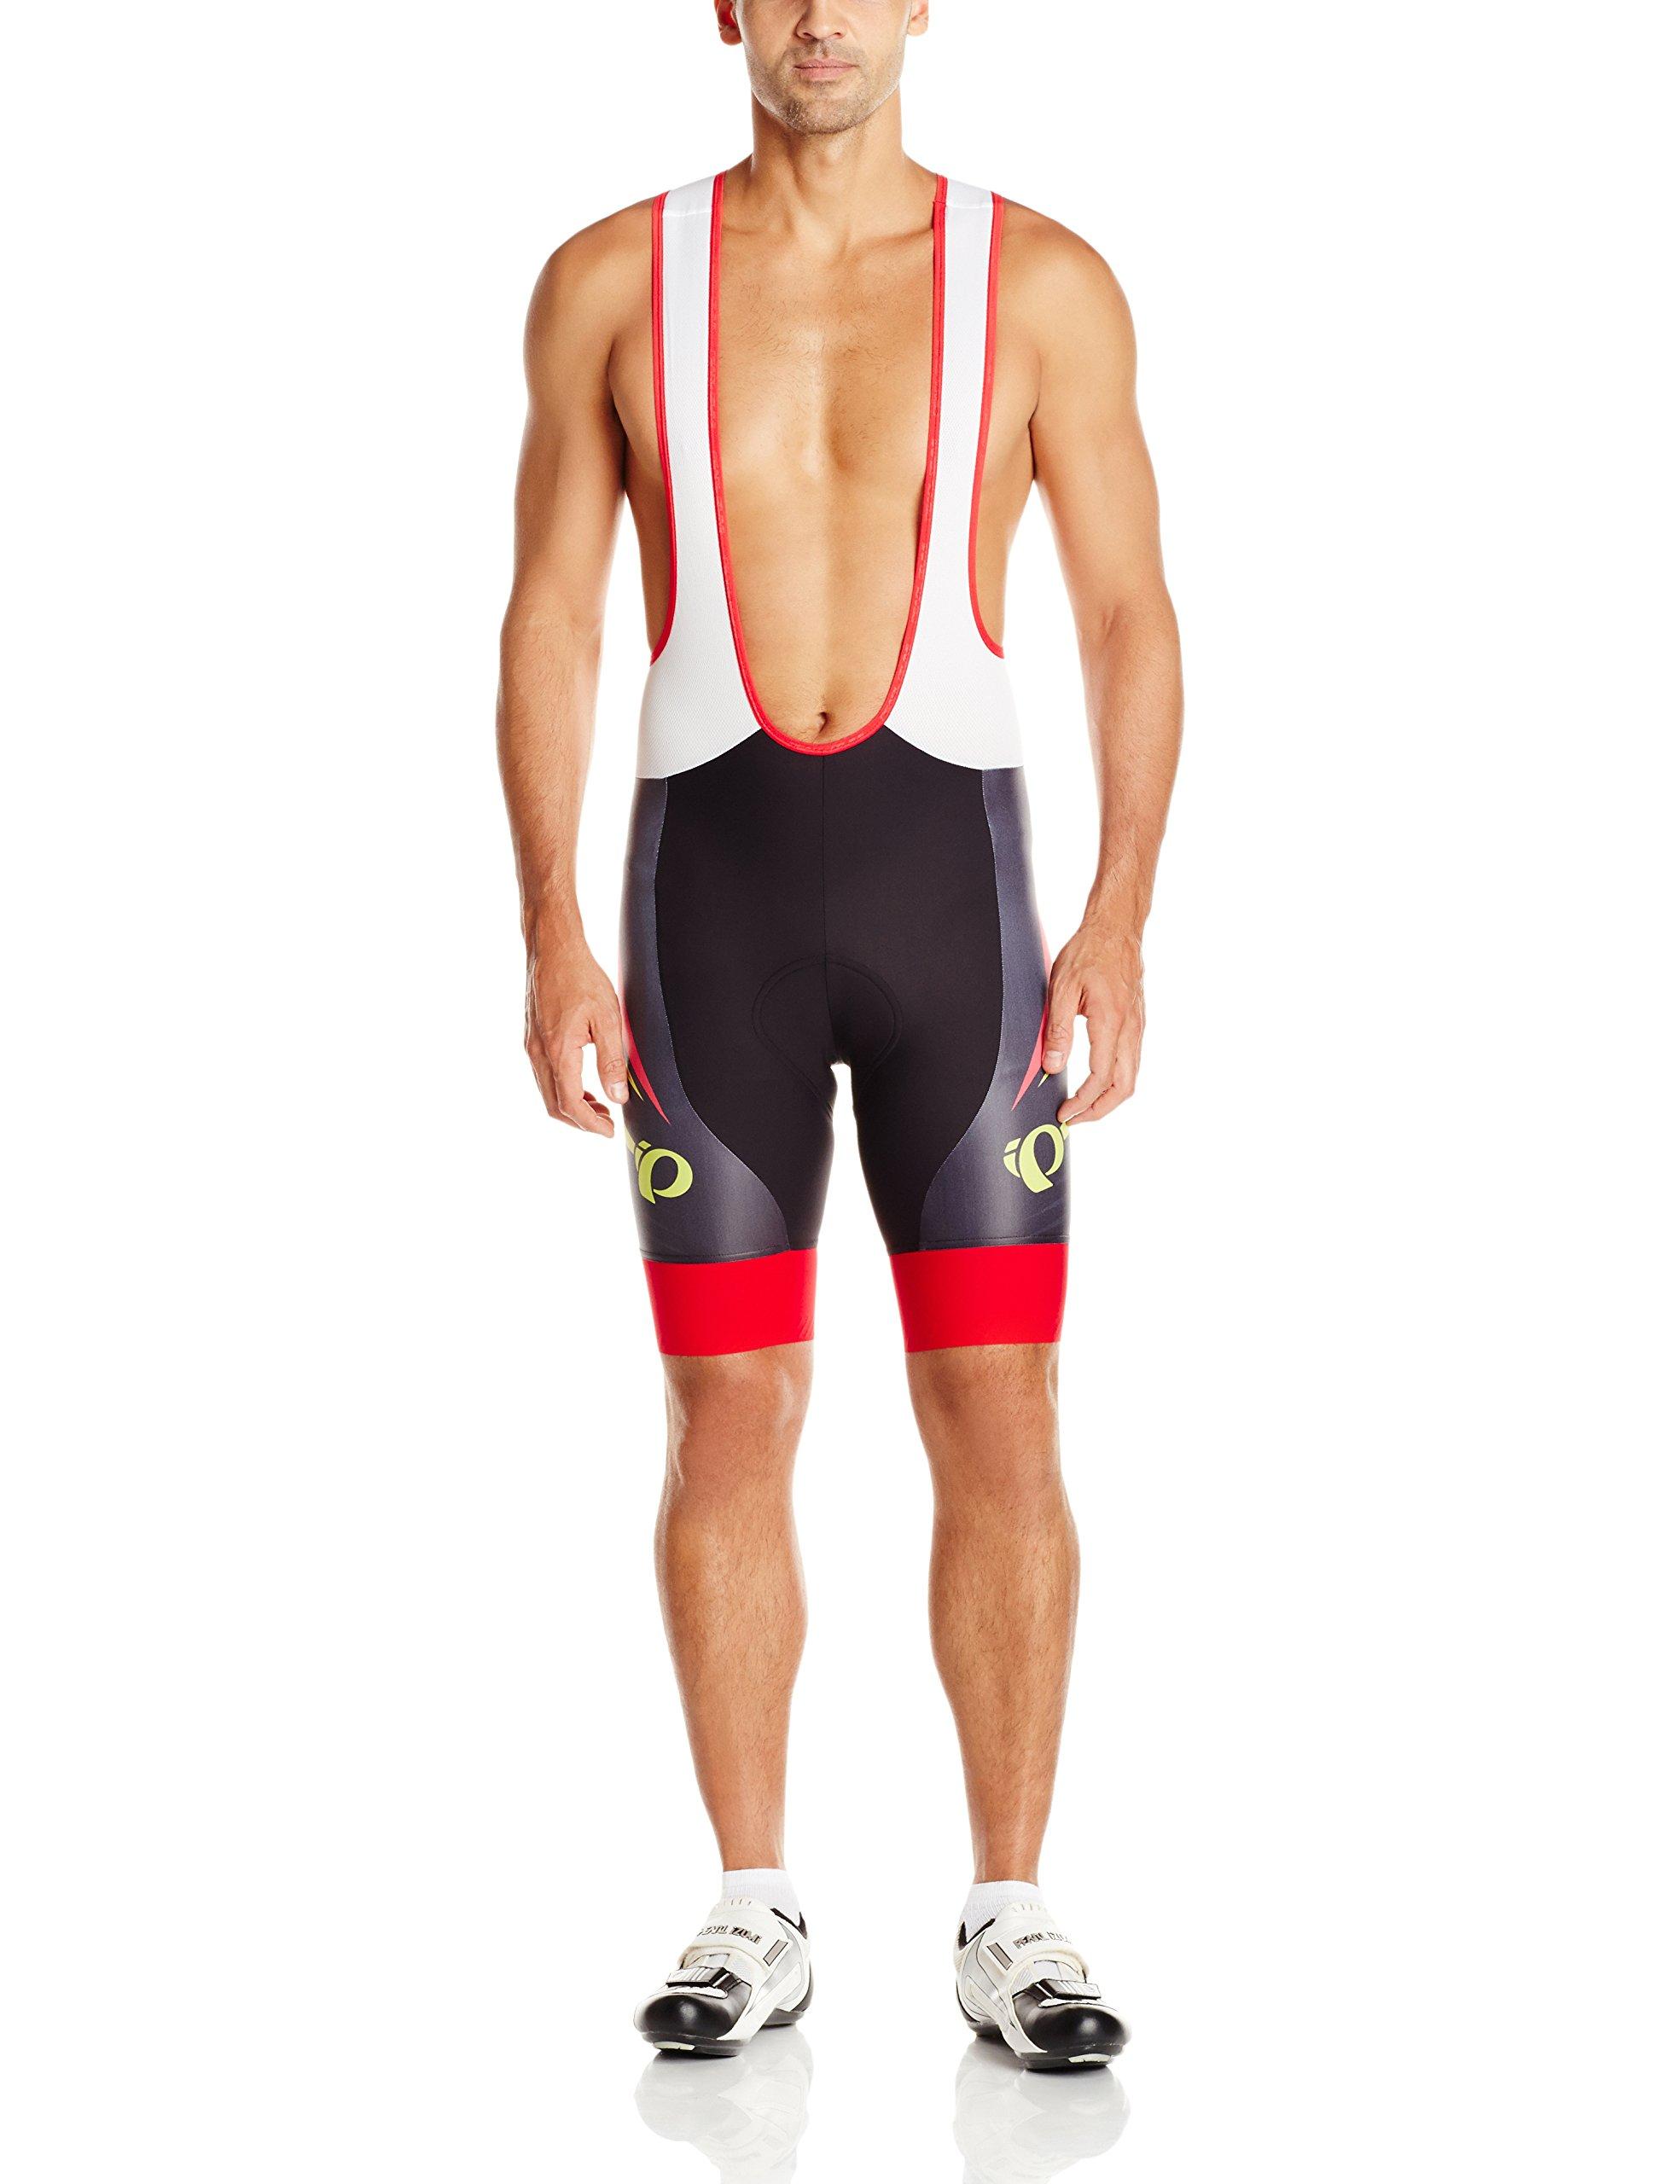 Pearl Izumi - Ride Men's Pro Pursuit Bib Shorts, Habanero, Medium